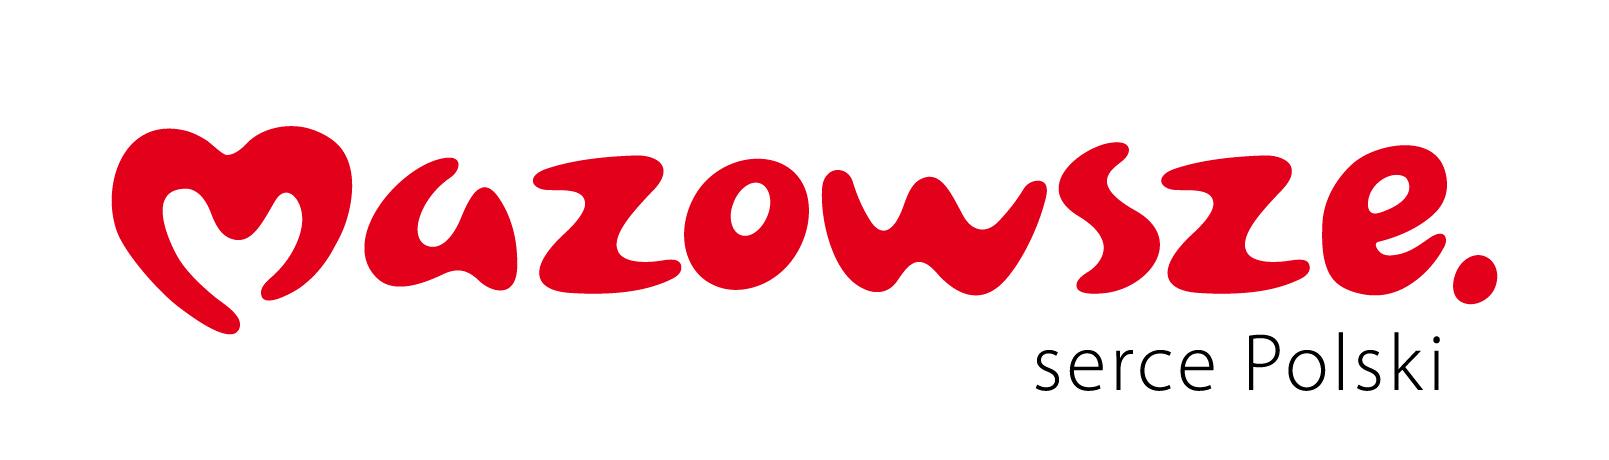 logotypclaim_czerony_pl pop_